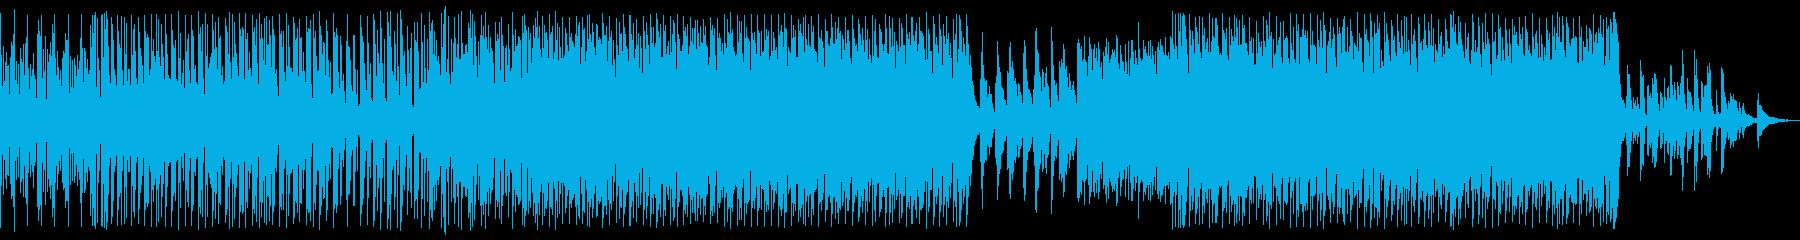 ほのぼの春の陽気なよくあるBGMインストの再生済みの波形